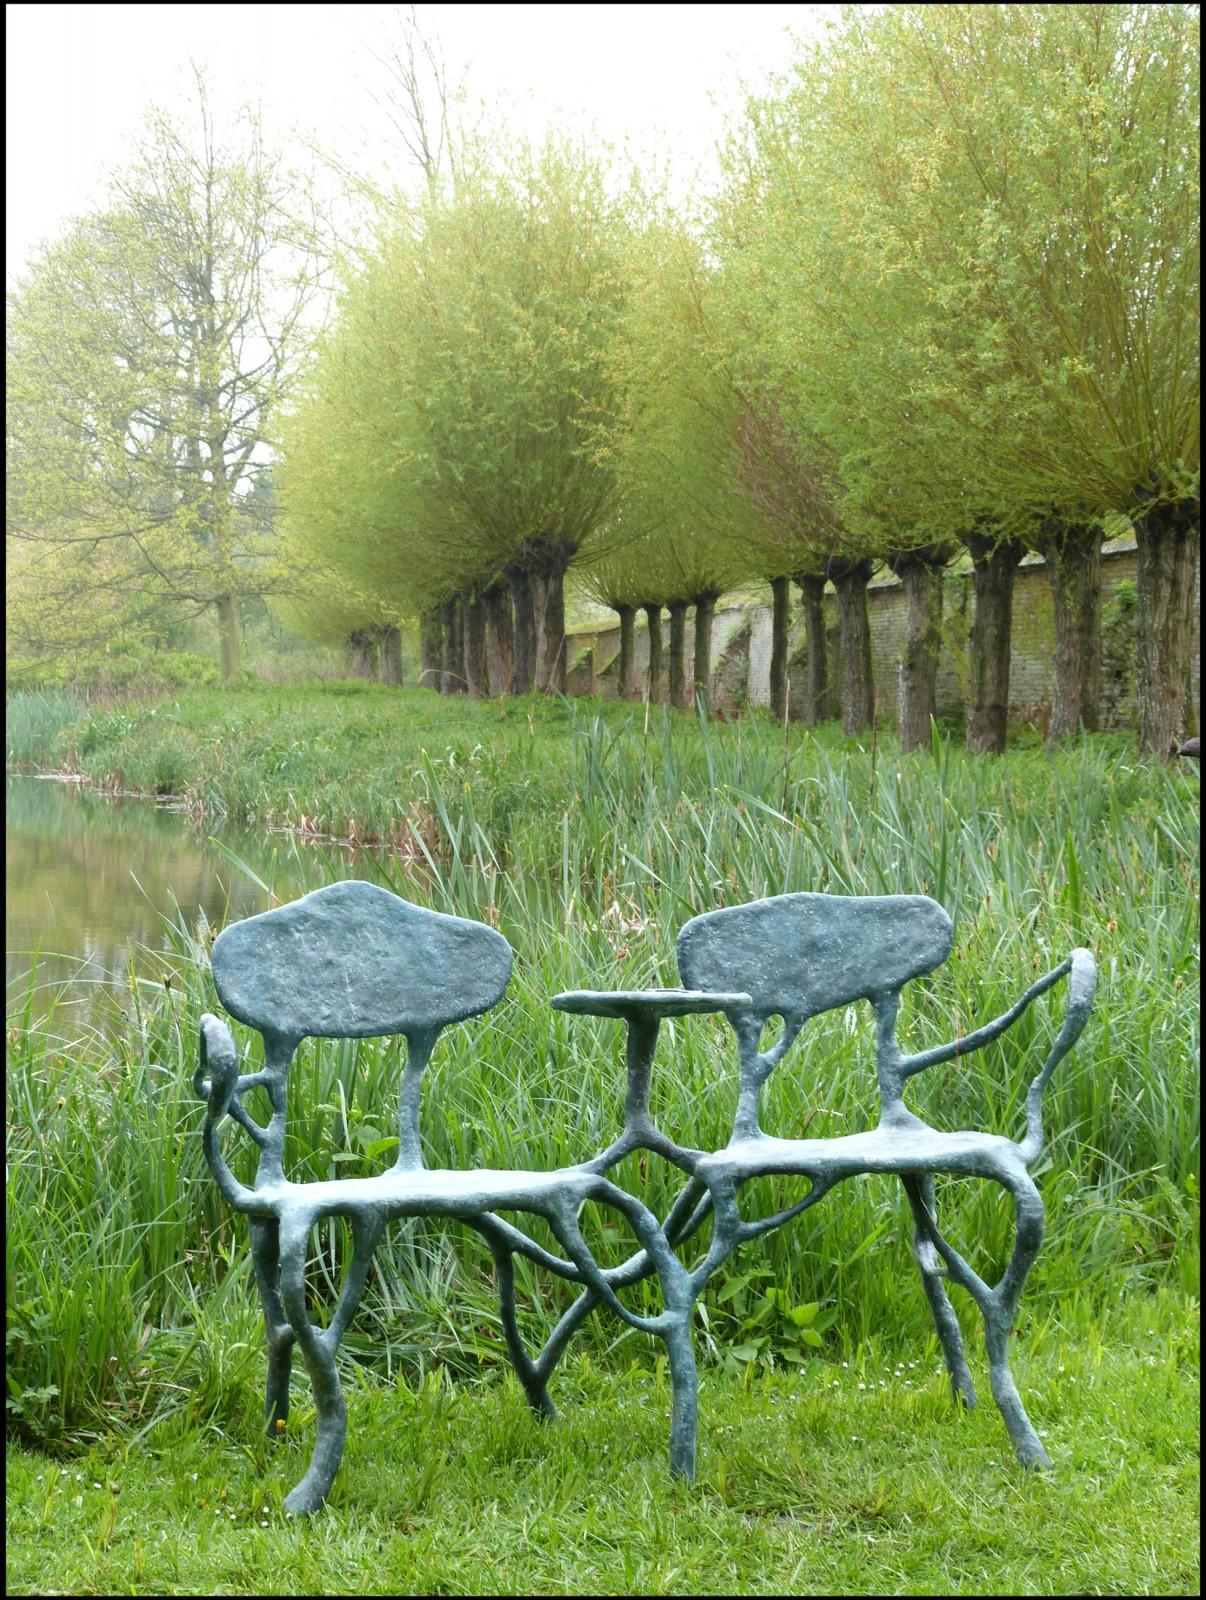 Les folies organiques de xavier dumont zone franche for Jardin xavier